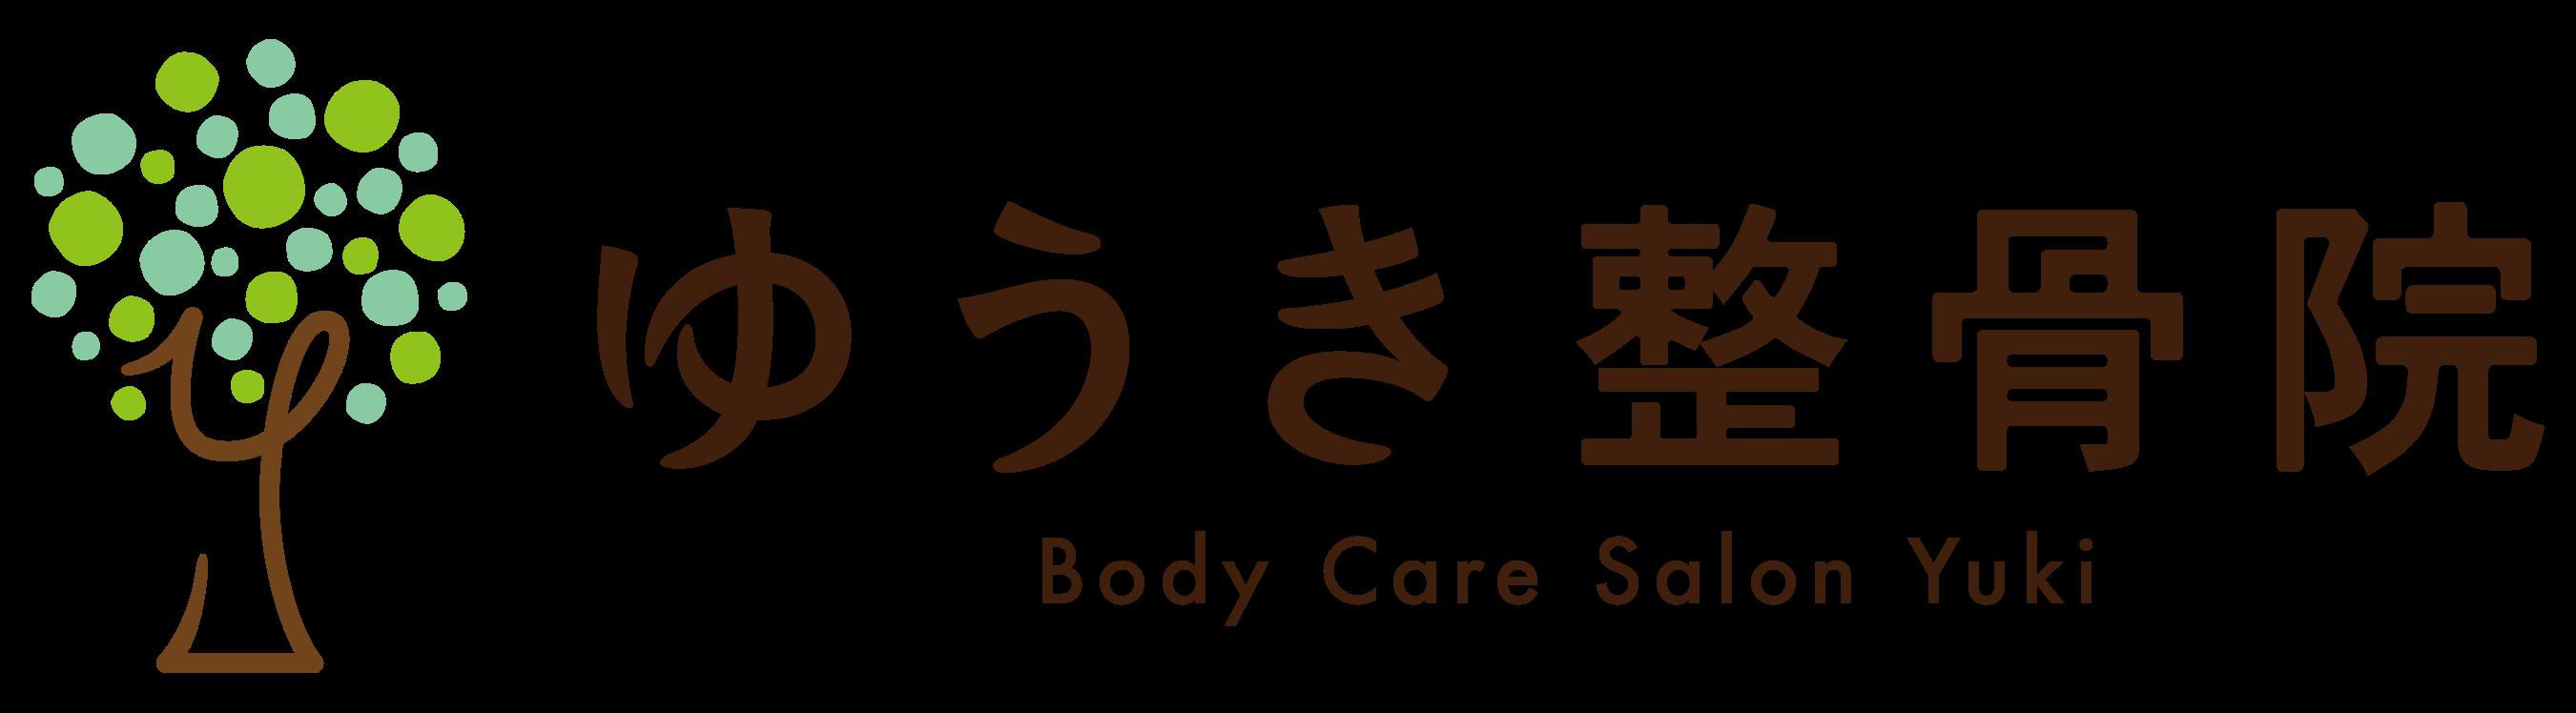 新潟市中央区ゆうき整骨院/スポーツ障害・腰痛